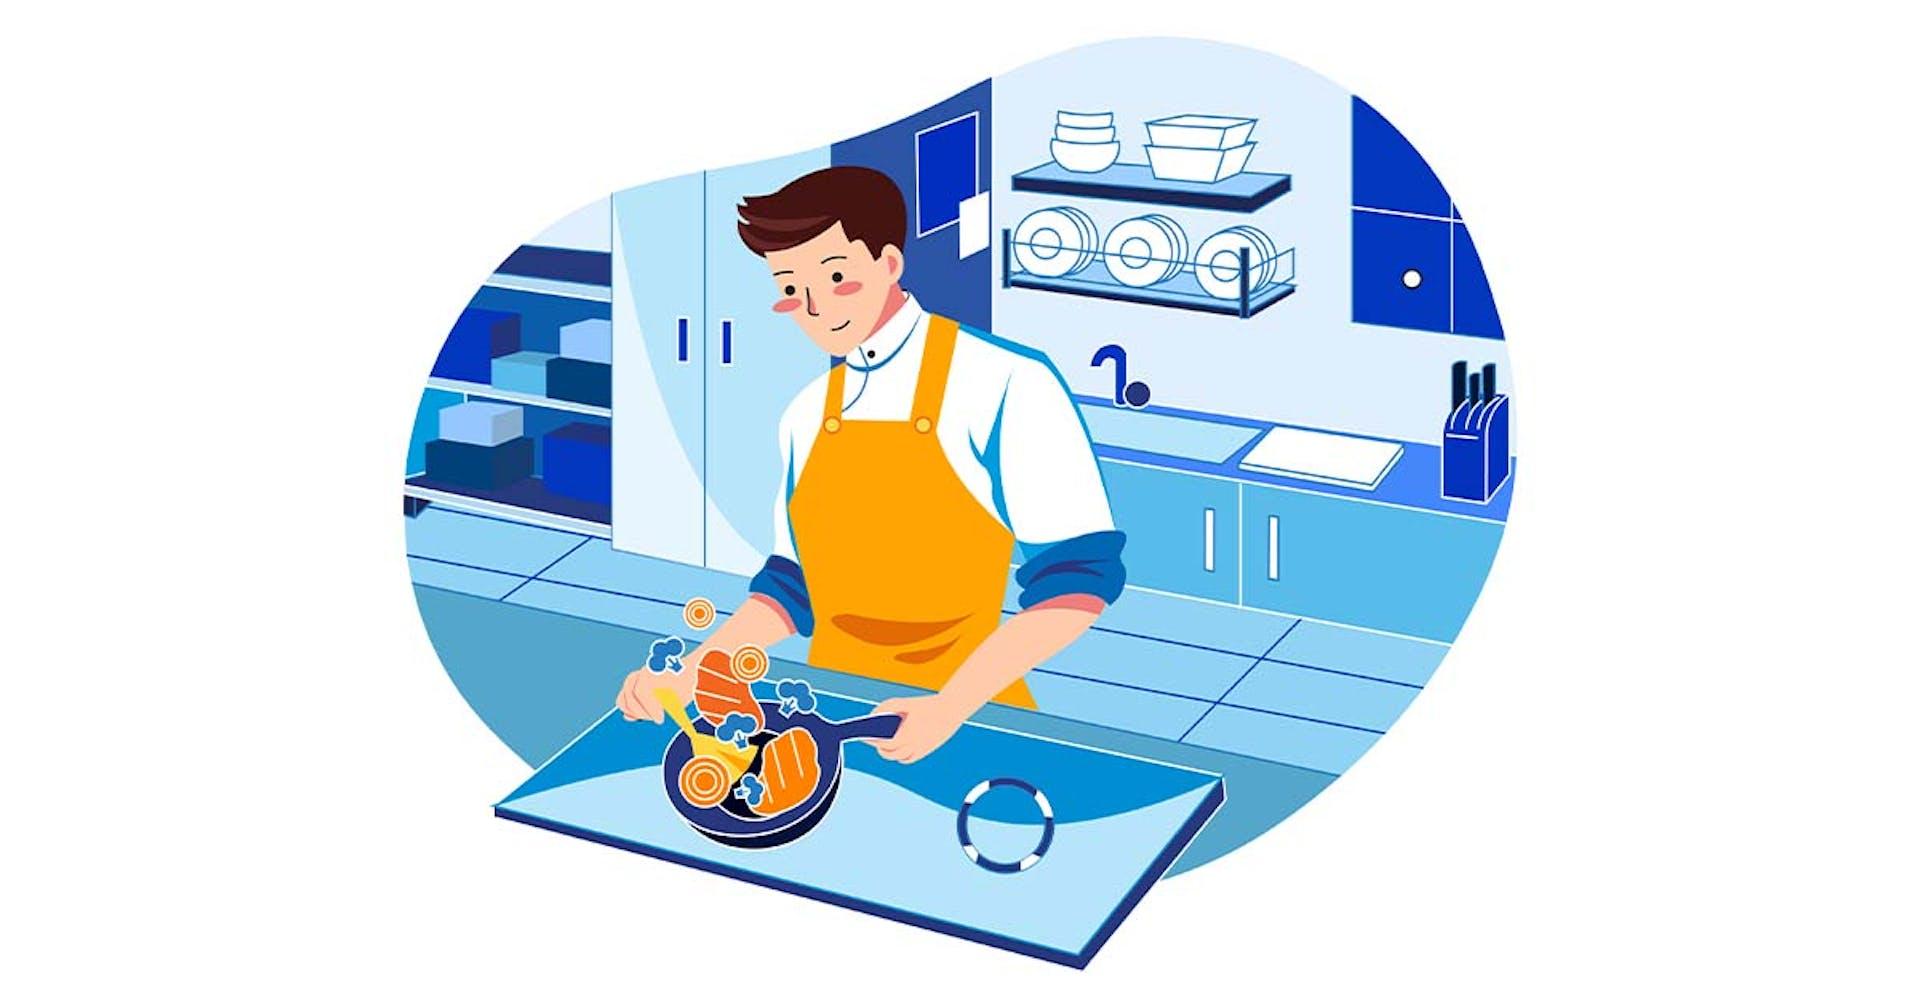 ¿Cómo atraer clientes a mi negocio de comida?